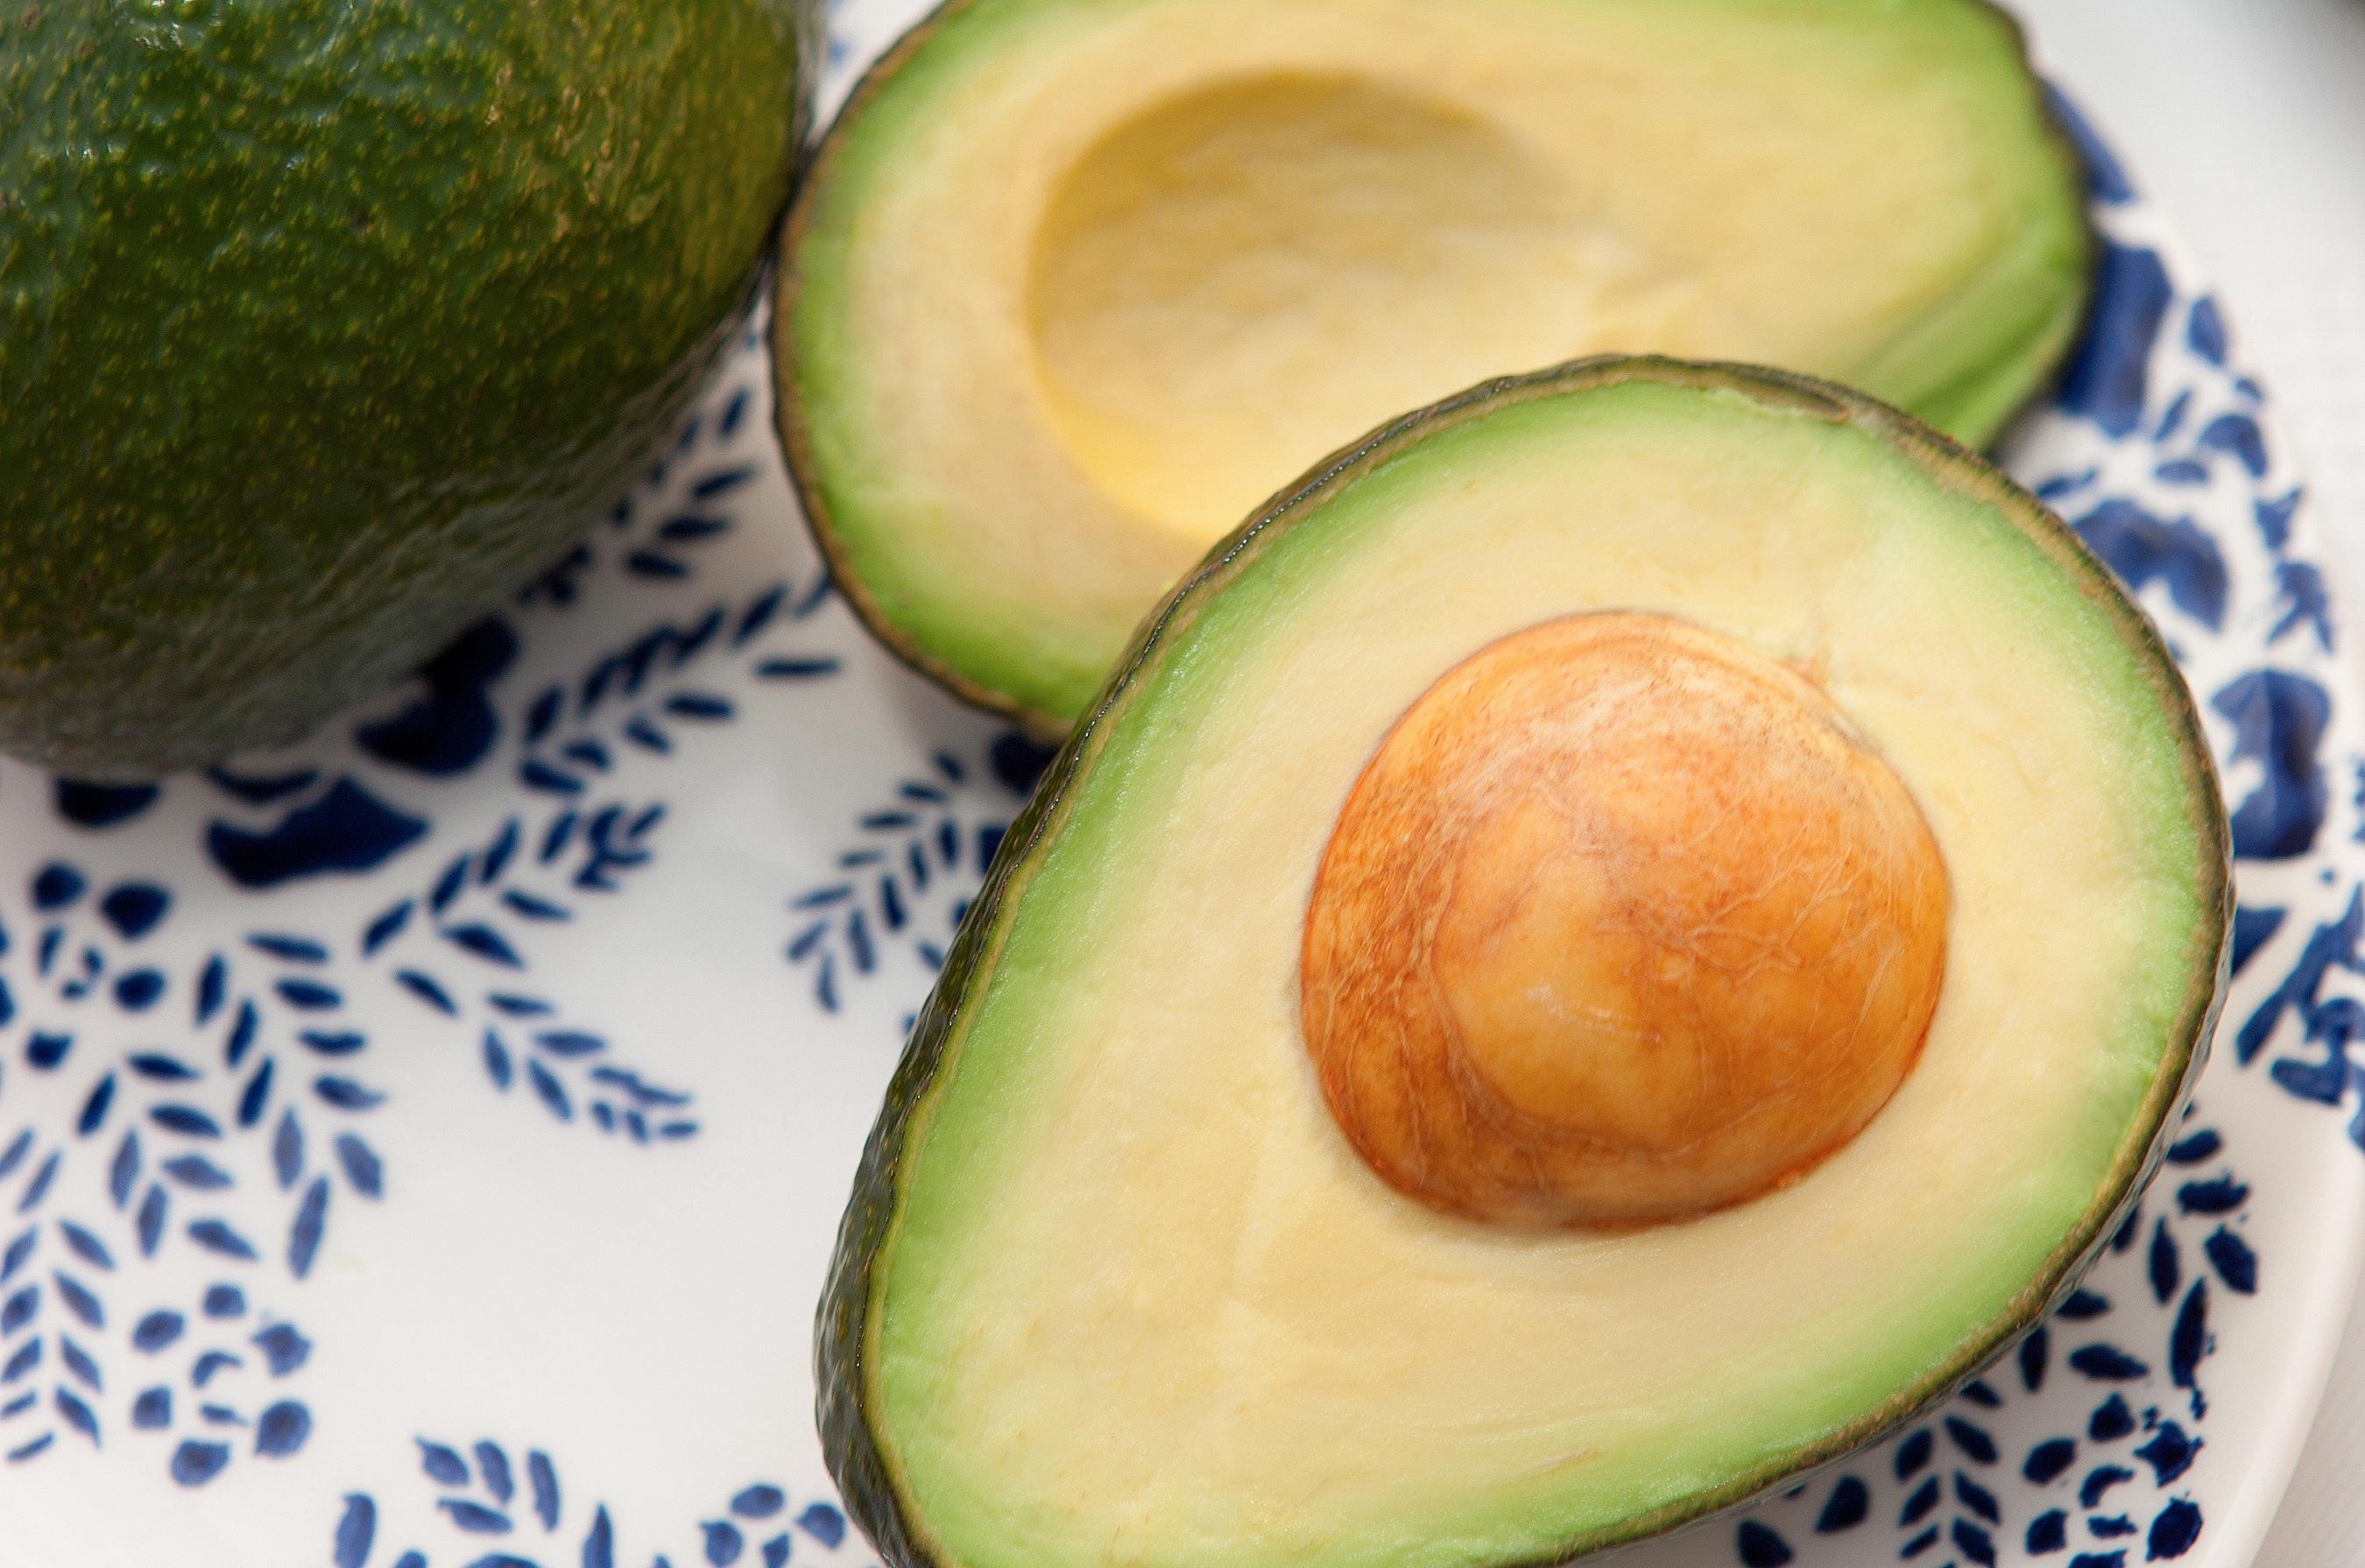 how to keep avocado fresh when cut